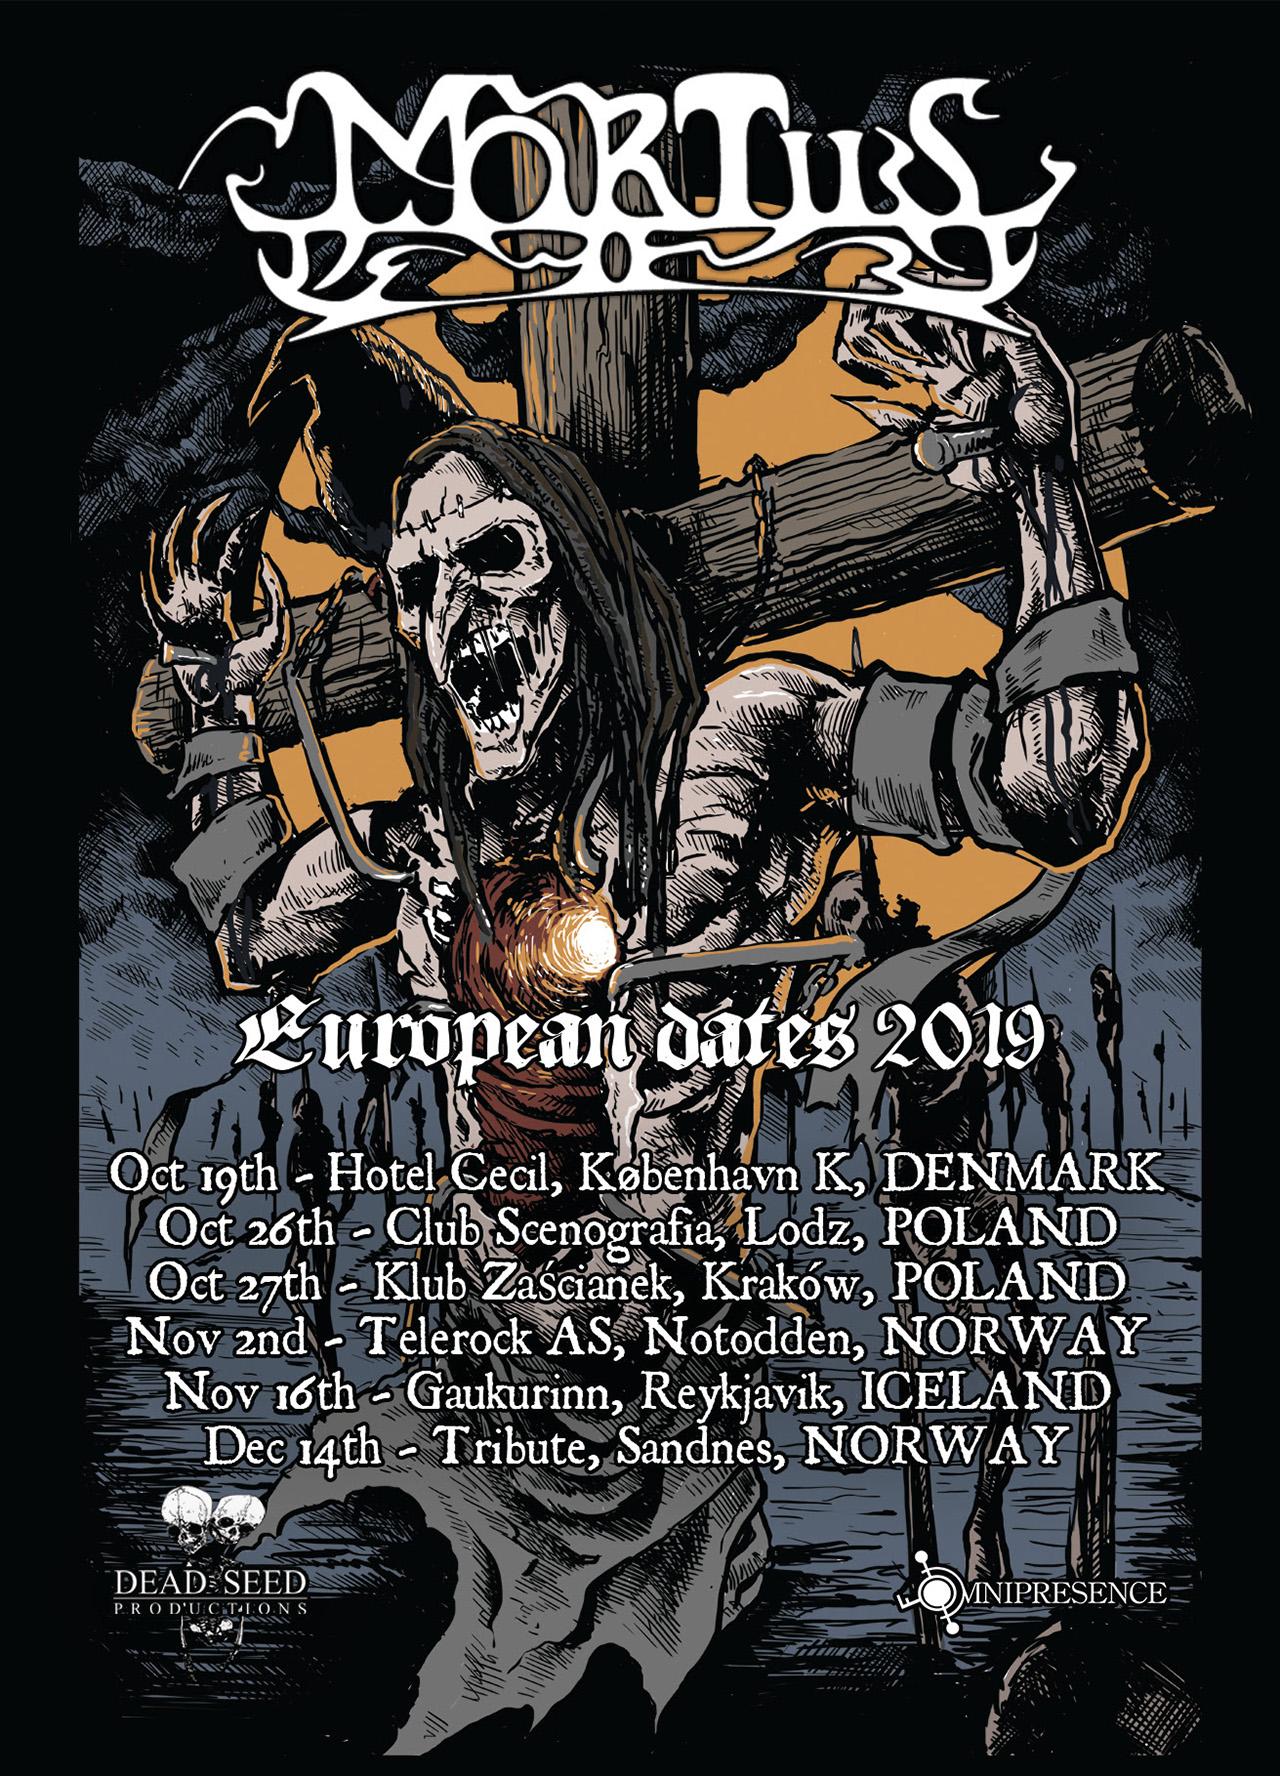 Mortiis returns with new album Spirit Of Rebellion | Louder